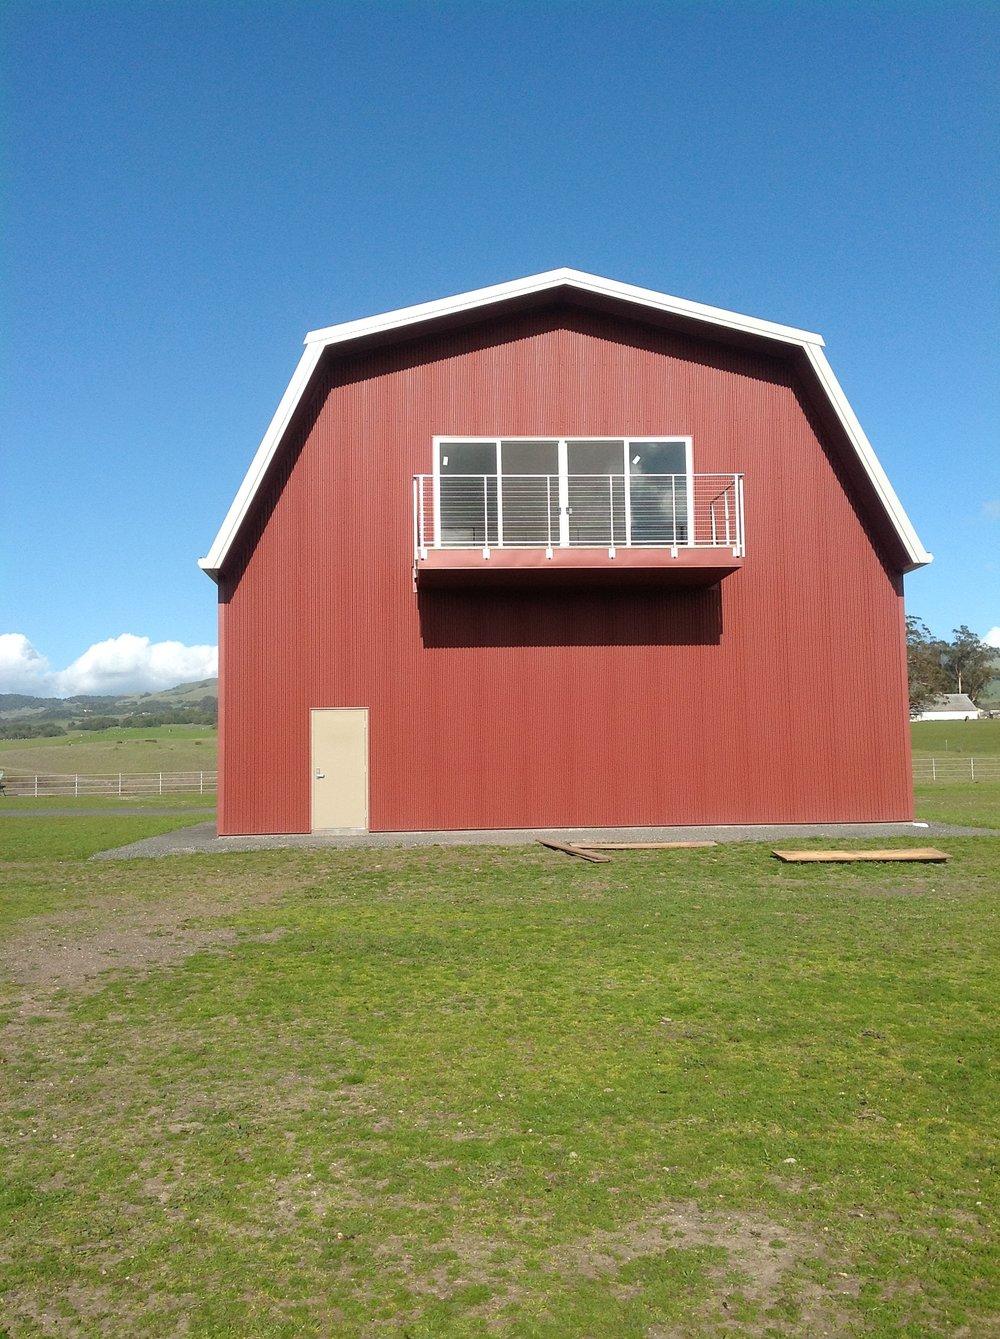 Zueger-Barn-Steve-Lanning-Construction-12B68208-2-e1391807650636.jpg